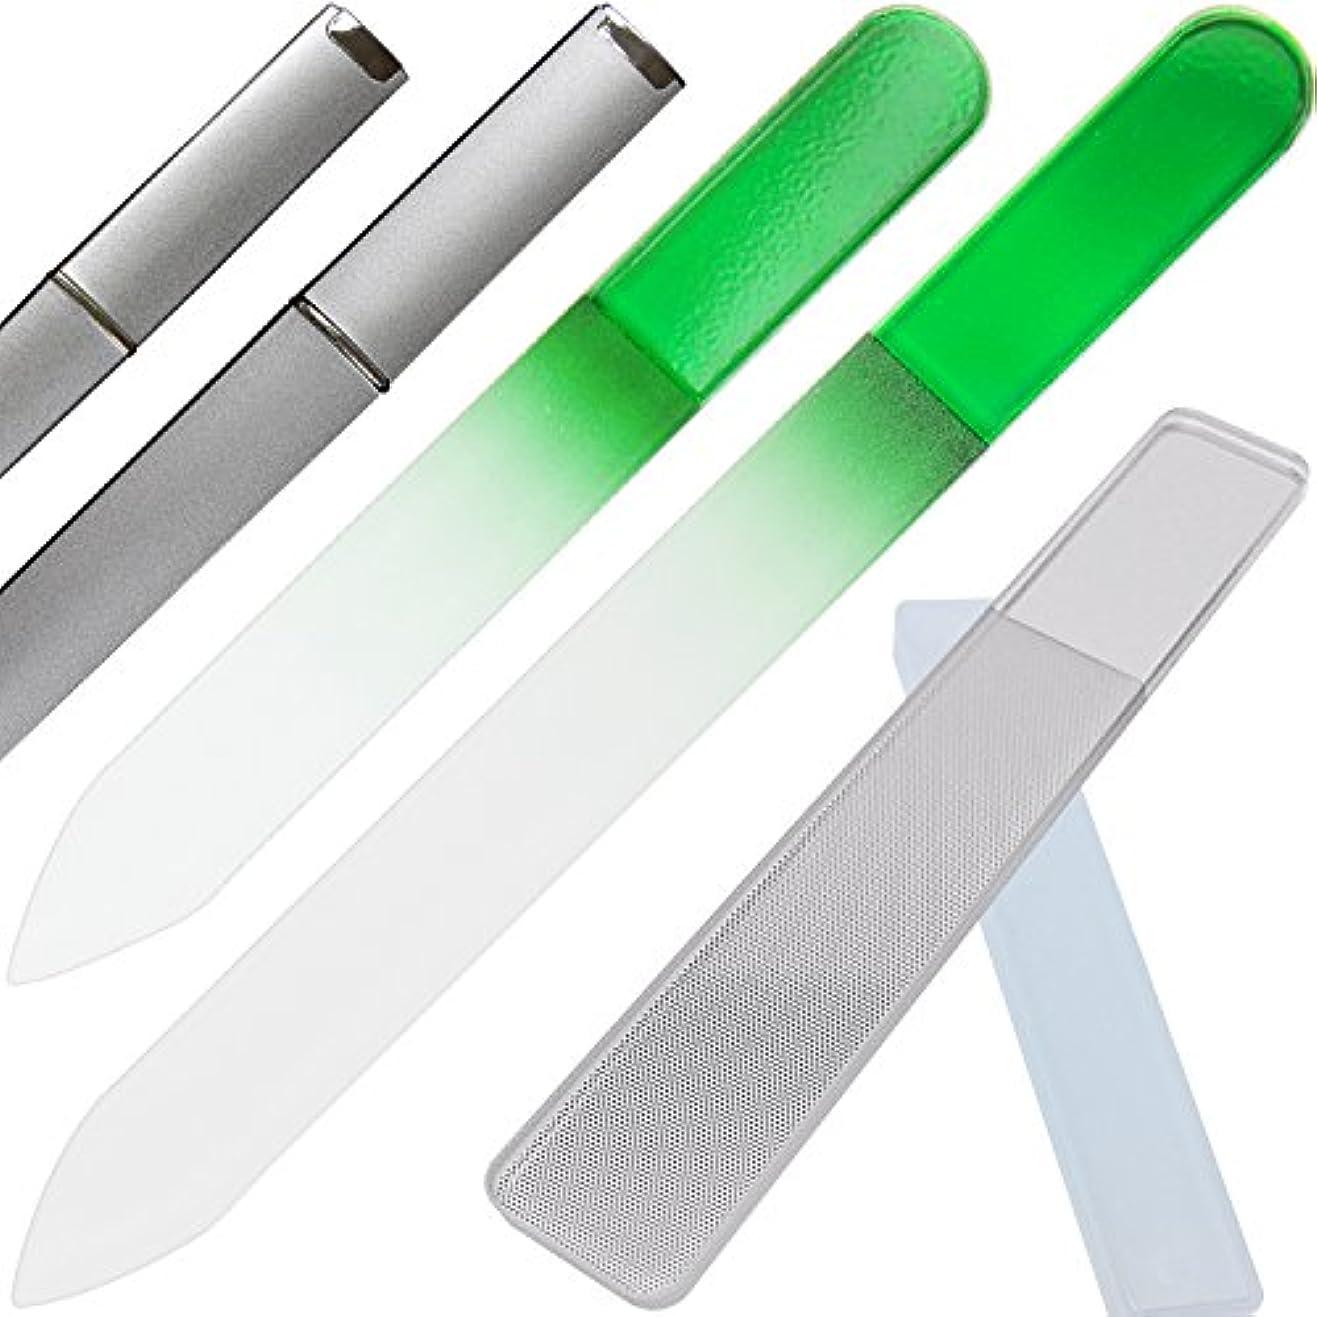 偏差バックアップ現像Clarente 爪やすり 爪磨き ガラス製 専用 ケース付 4点セット ネイル ケア